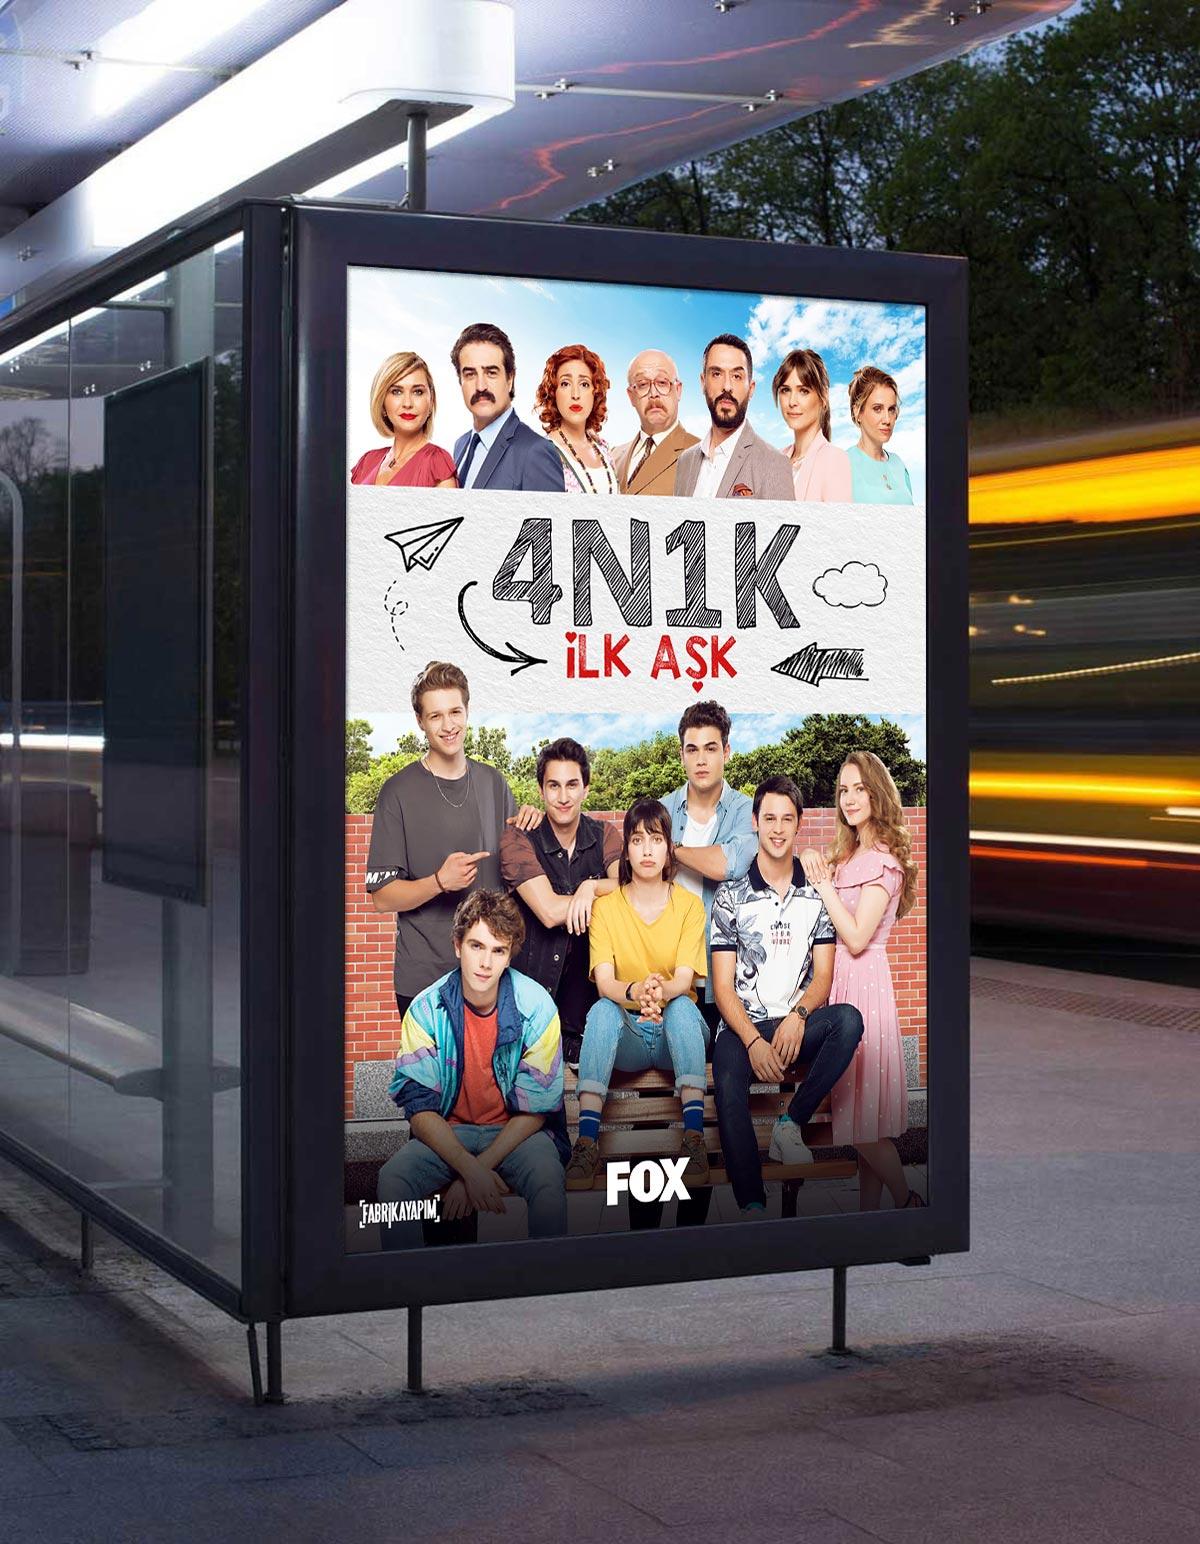 4n1k-ilk-ask-mockup